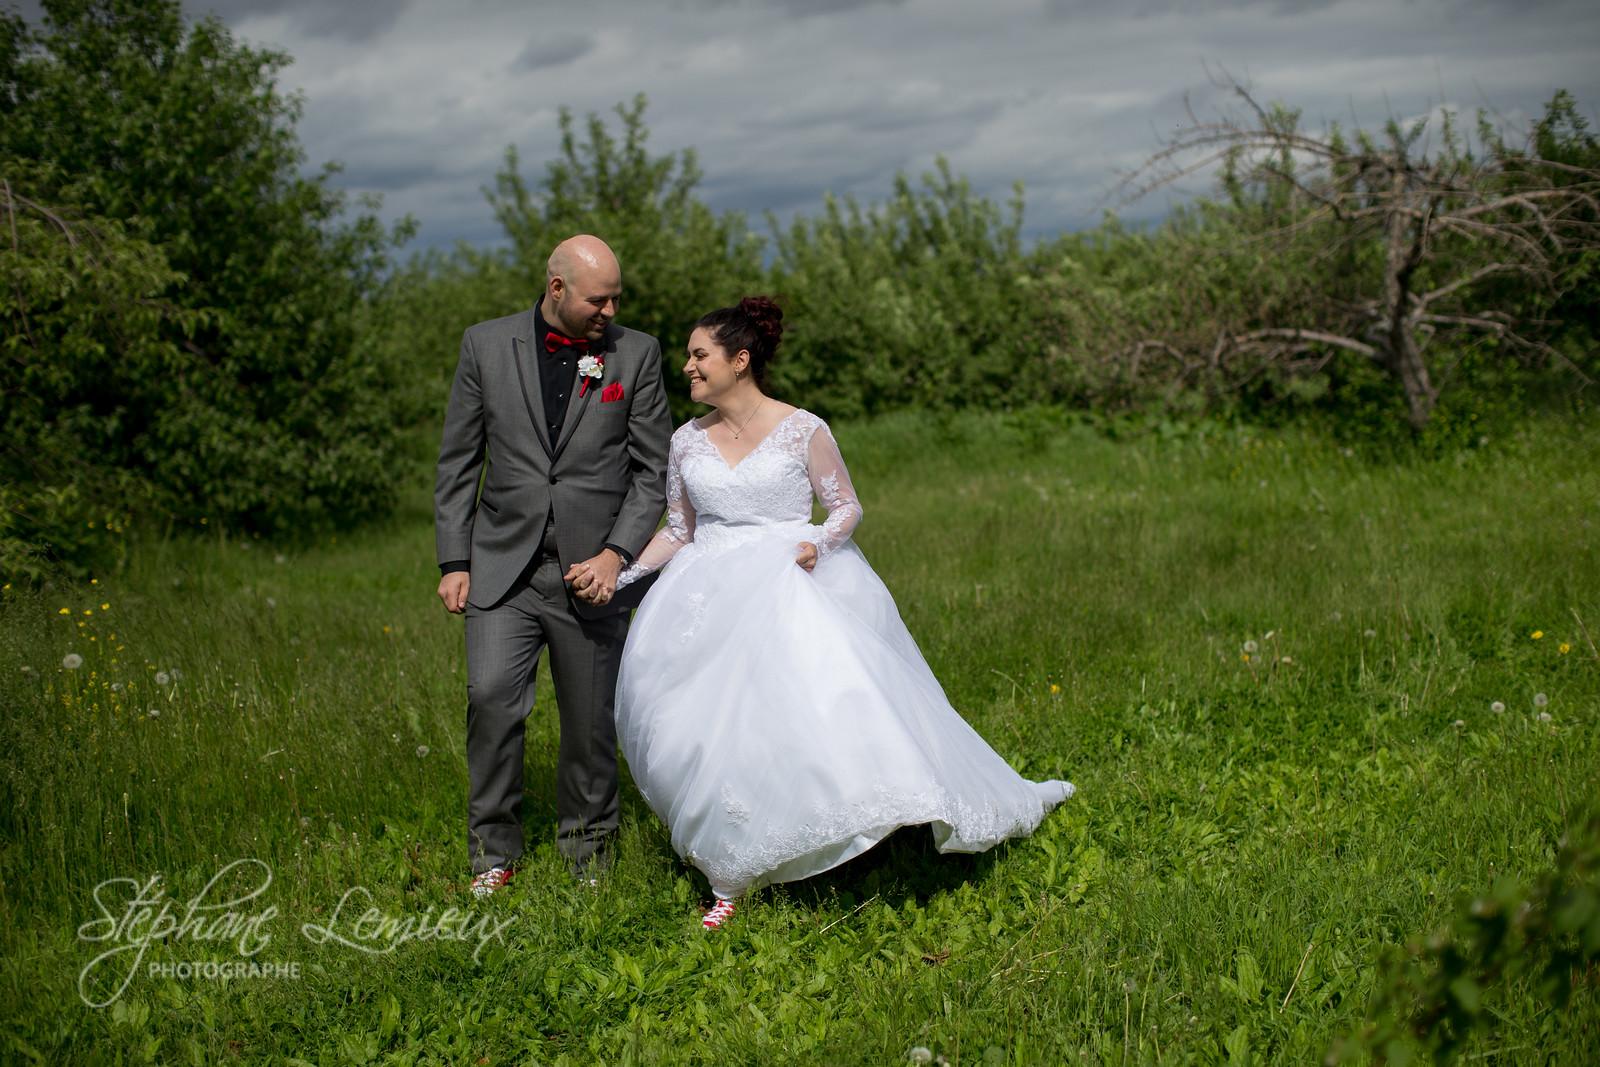 stephane-lemieux-photographe-mariage-montreal-20170603-329